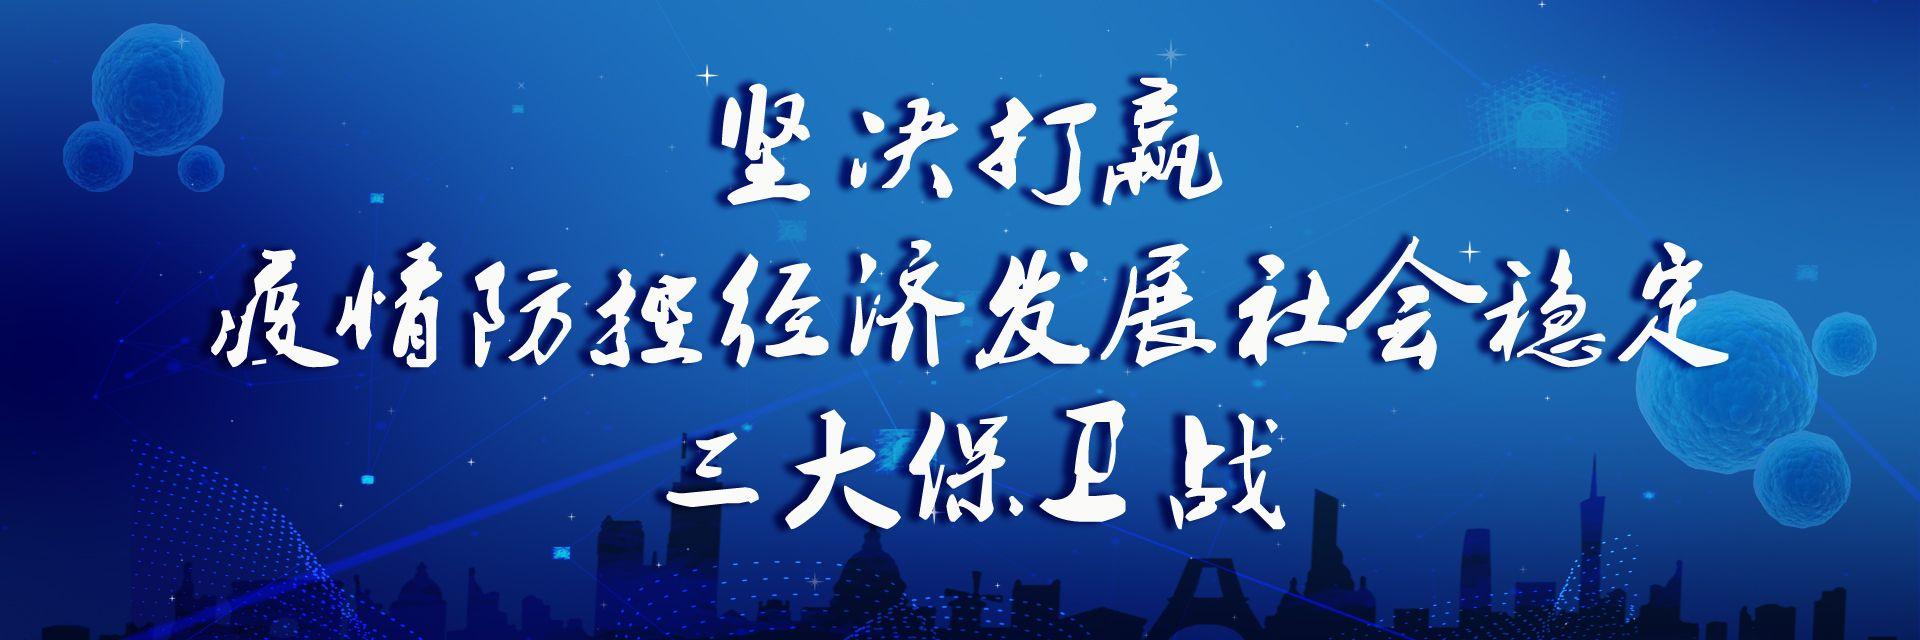 文明实践提升乡村振兴成色——殷祖镇新时代文明实践工作侧记